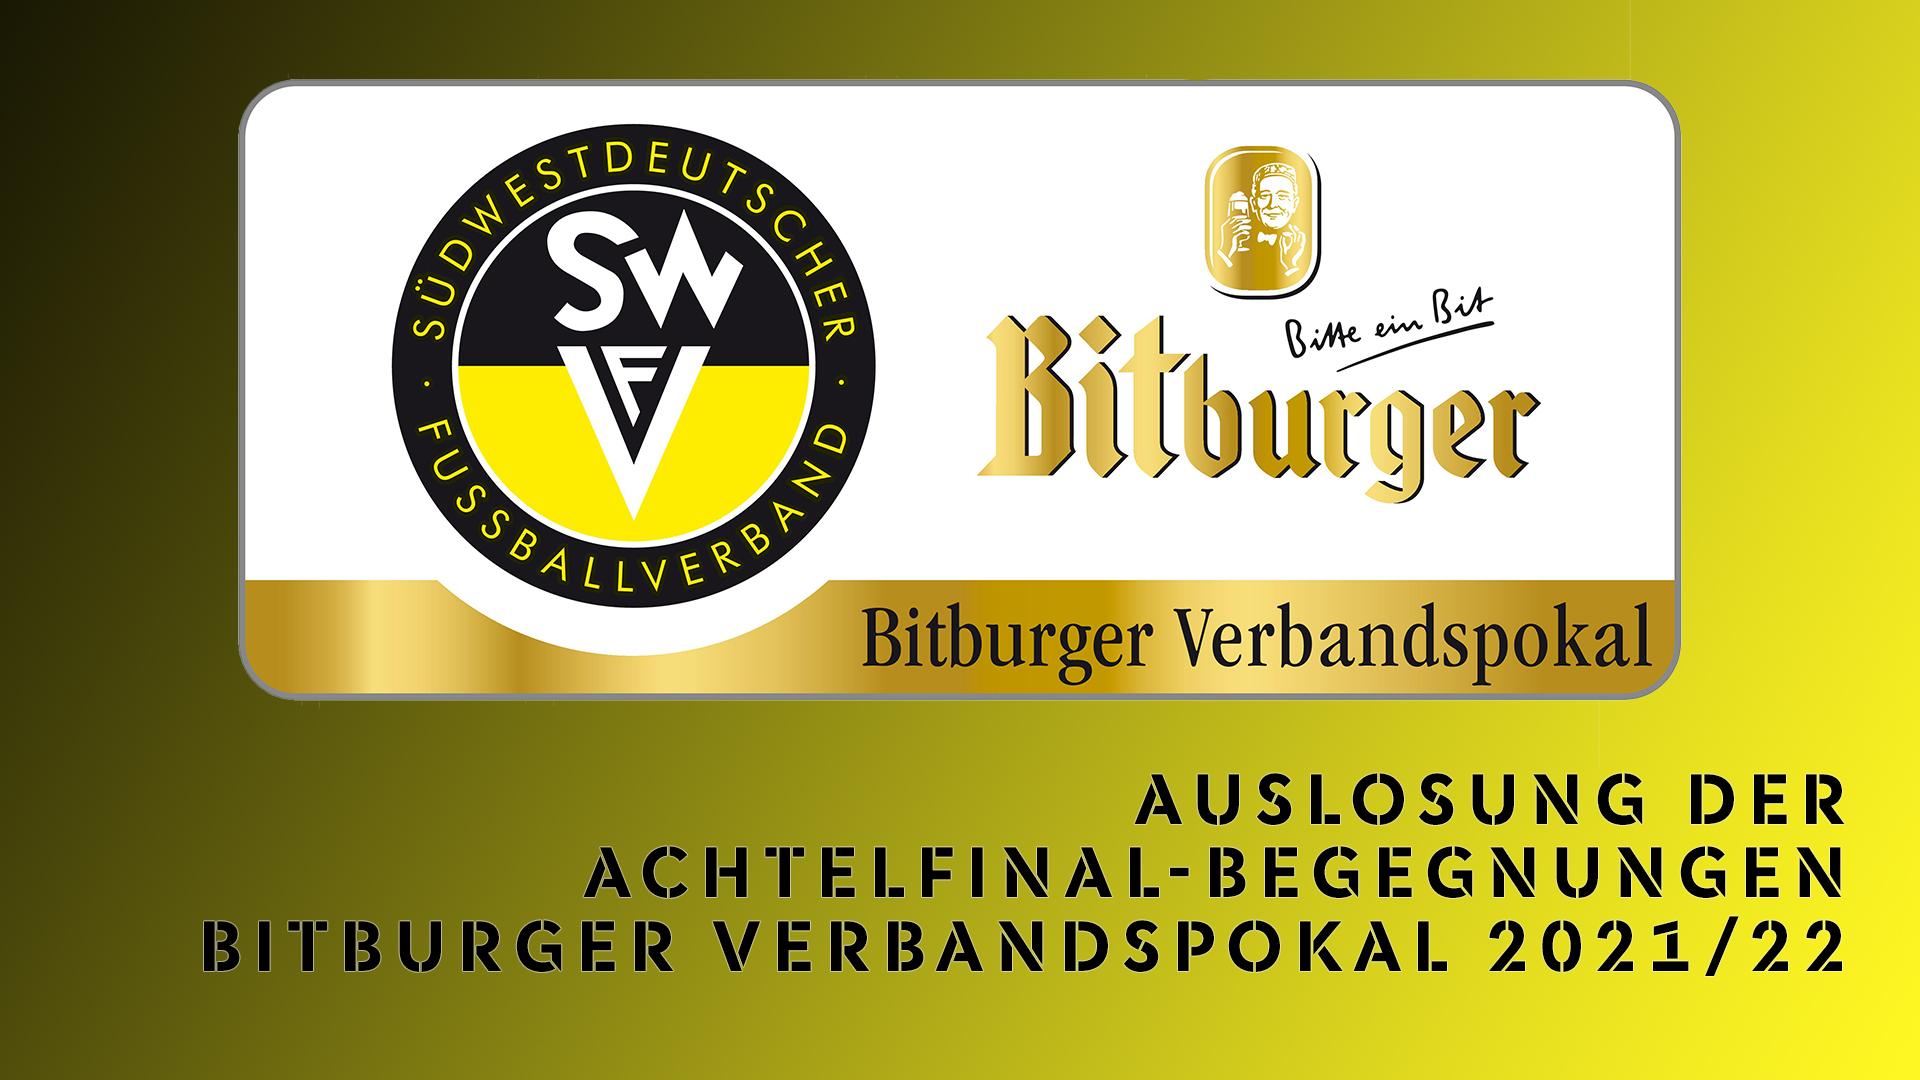 Auslosung Achtelfinalbegegnungen im Bitburger Verbandspokal 2021/22